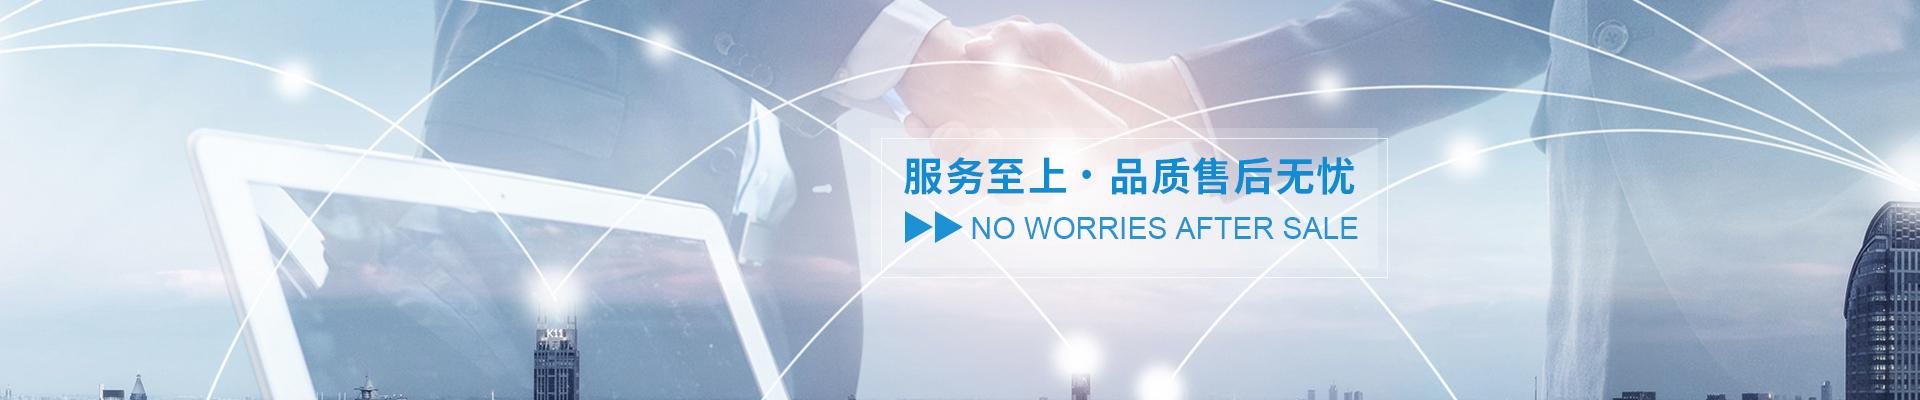 長寧區時代技術開發常見問題「上海唄唄信息科技有限公司」